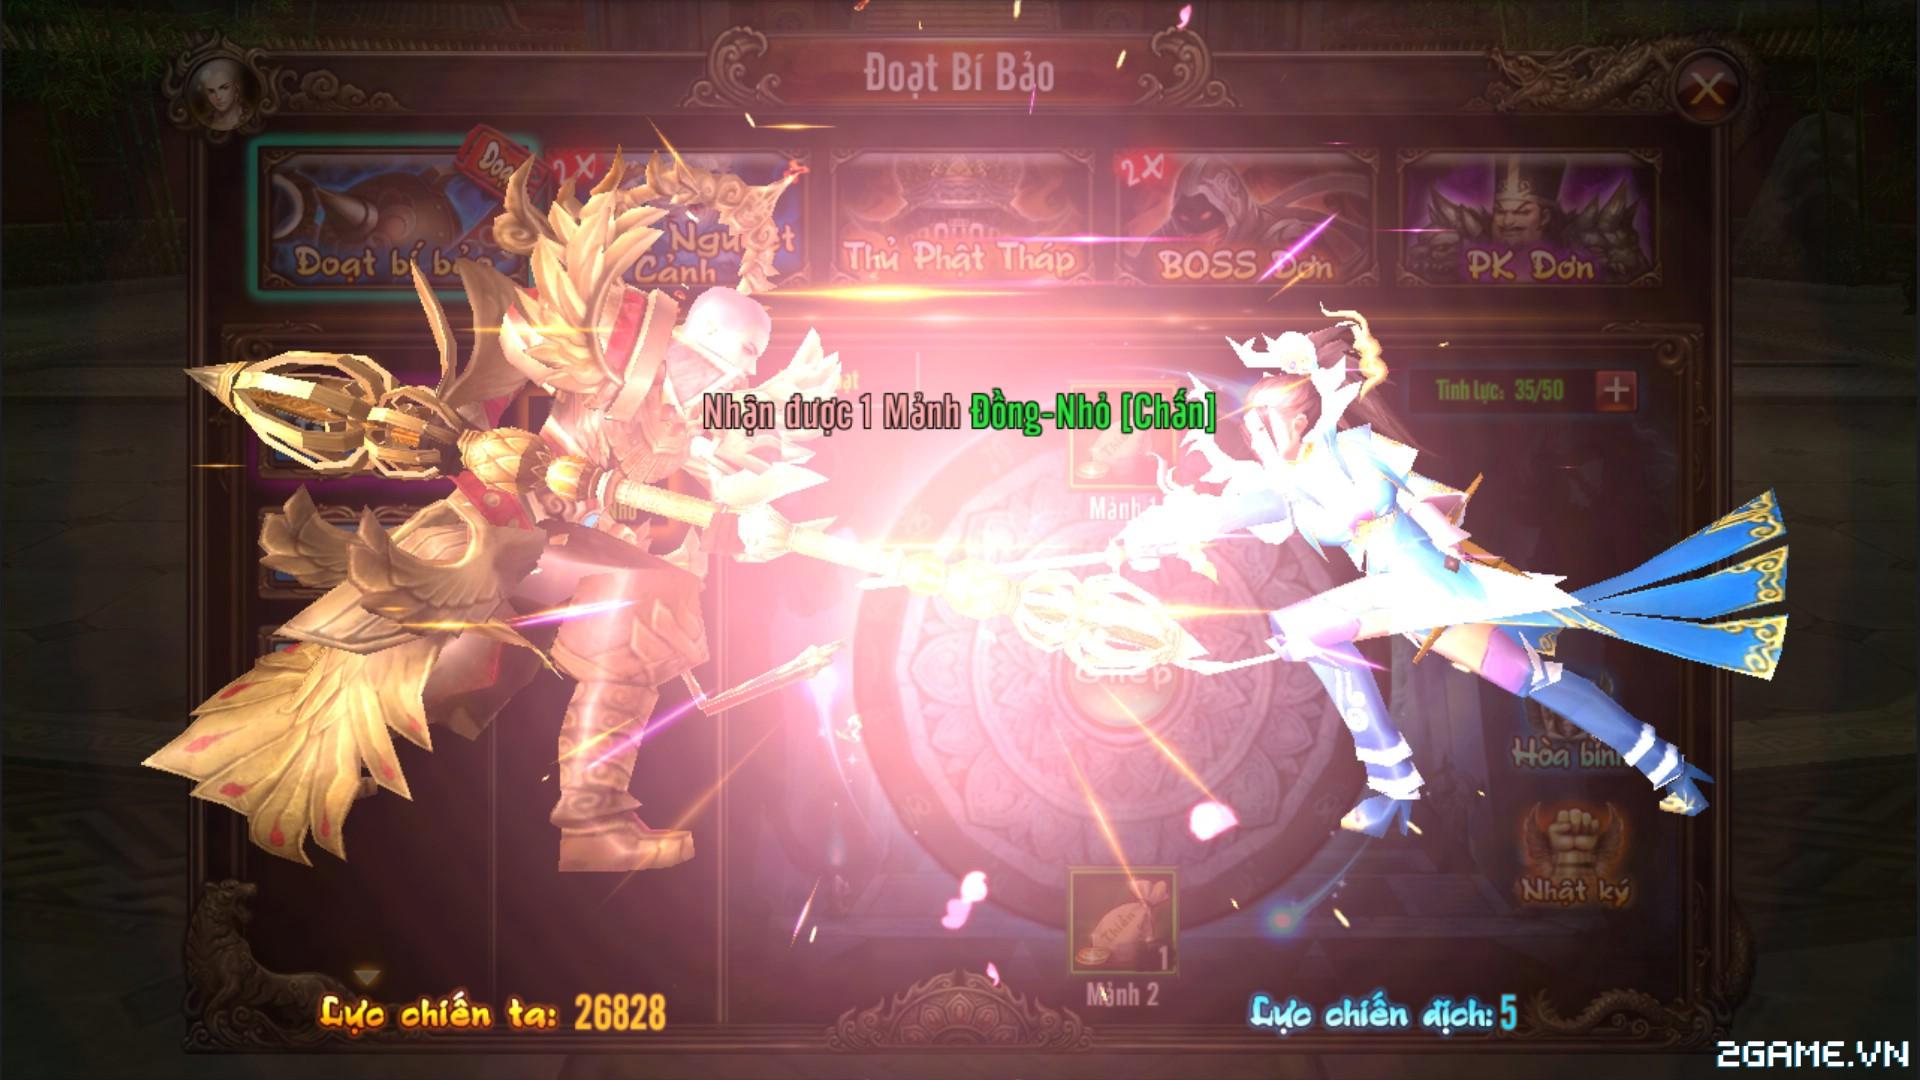 Kungfu Chi Vương – Tìm hiểu Đoạt Bí Bảo